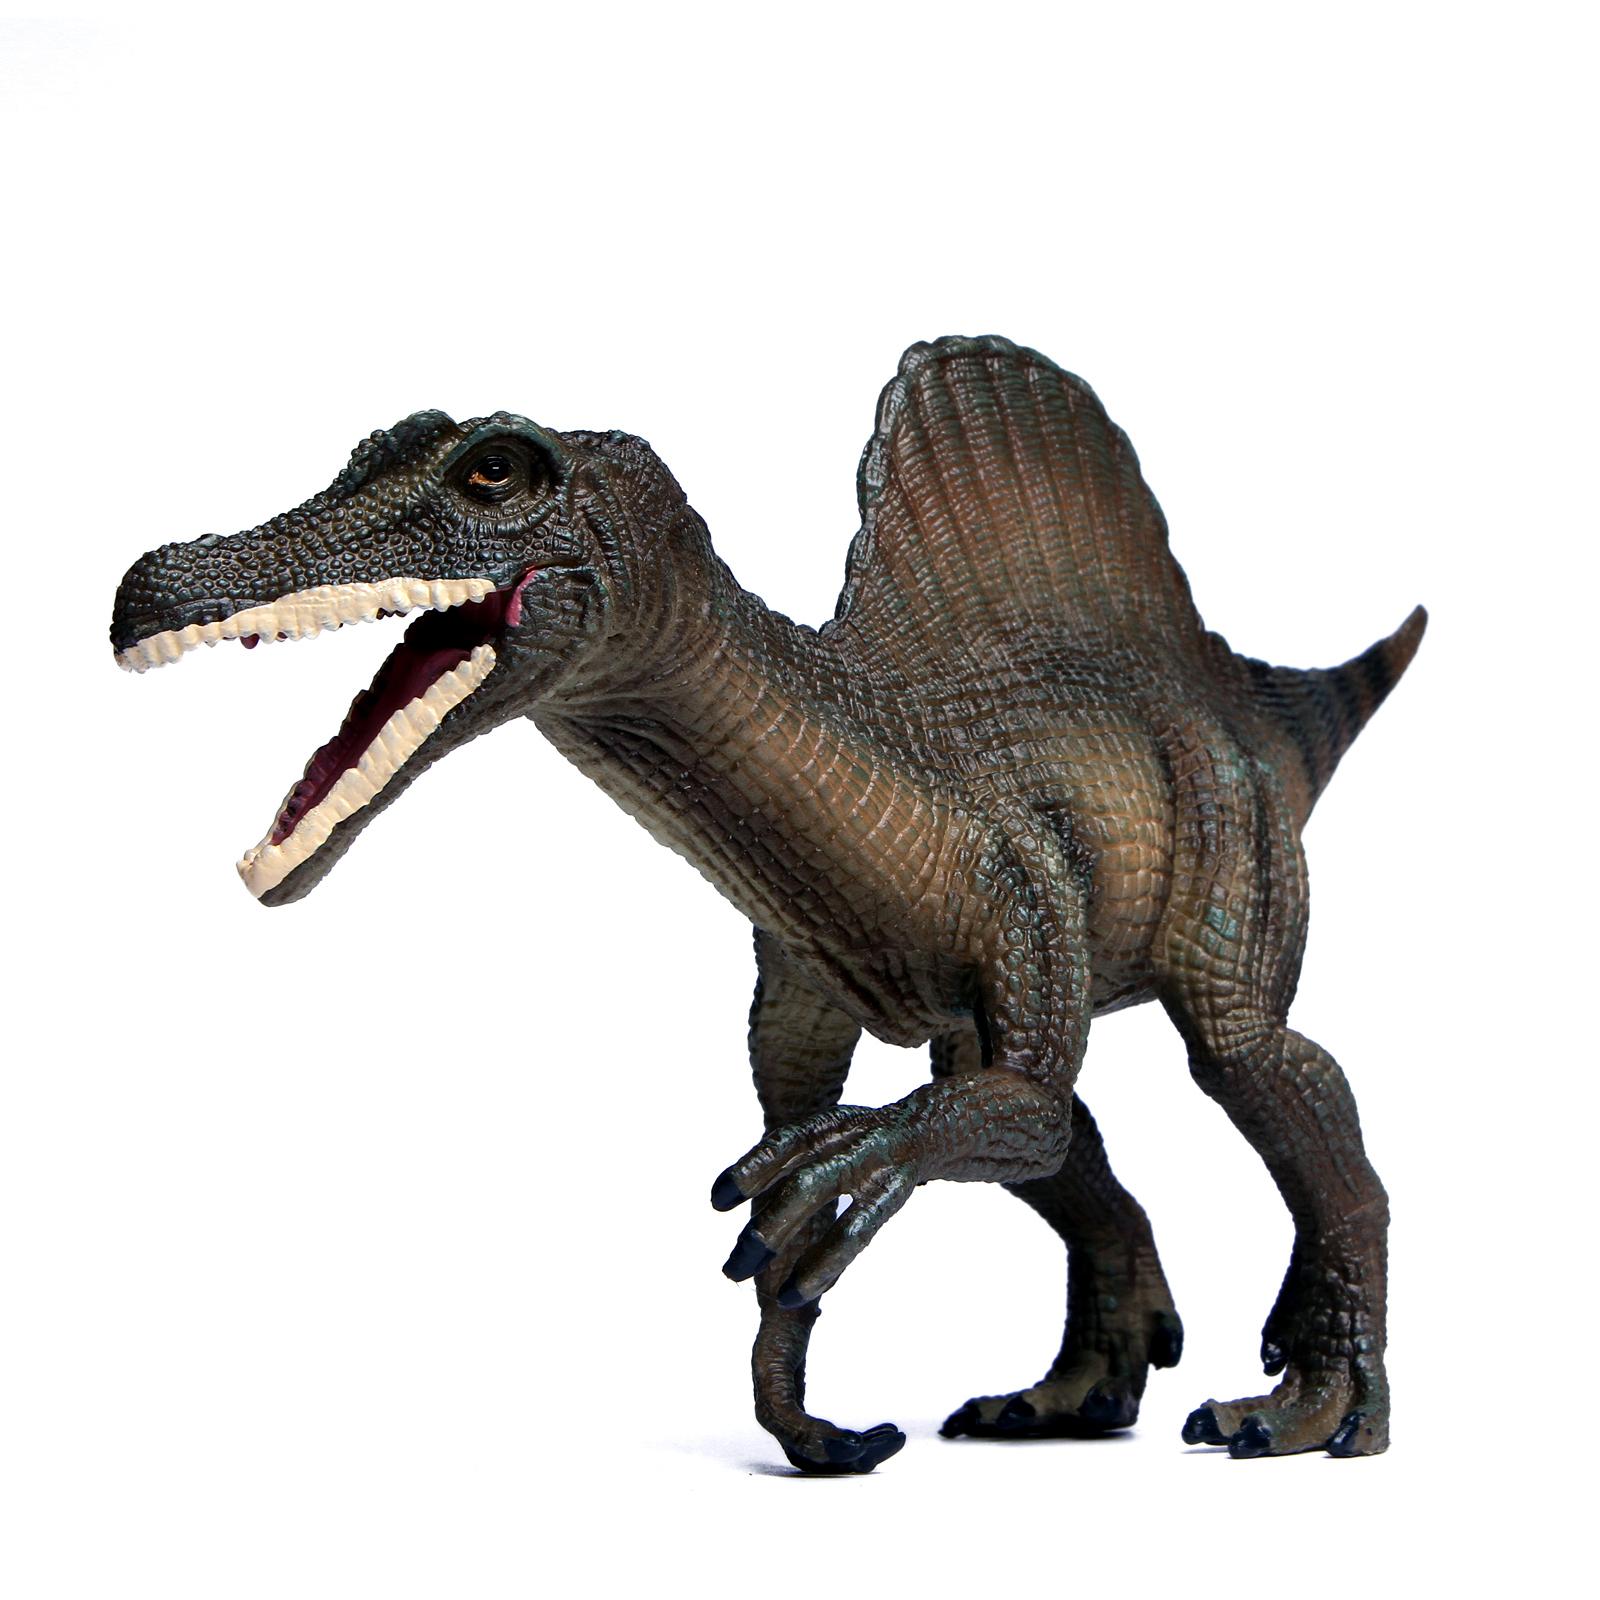 Jurassic park dinosaur spinosaurus model action figures kids toys gift 21 ebay - Spinosaurus jurassic park ...